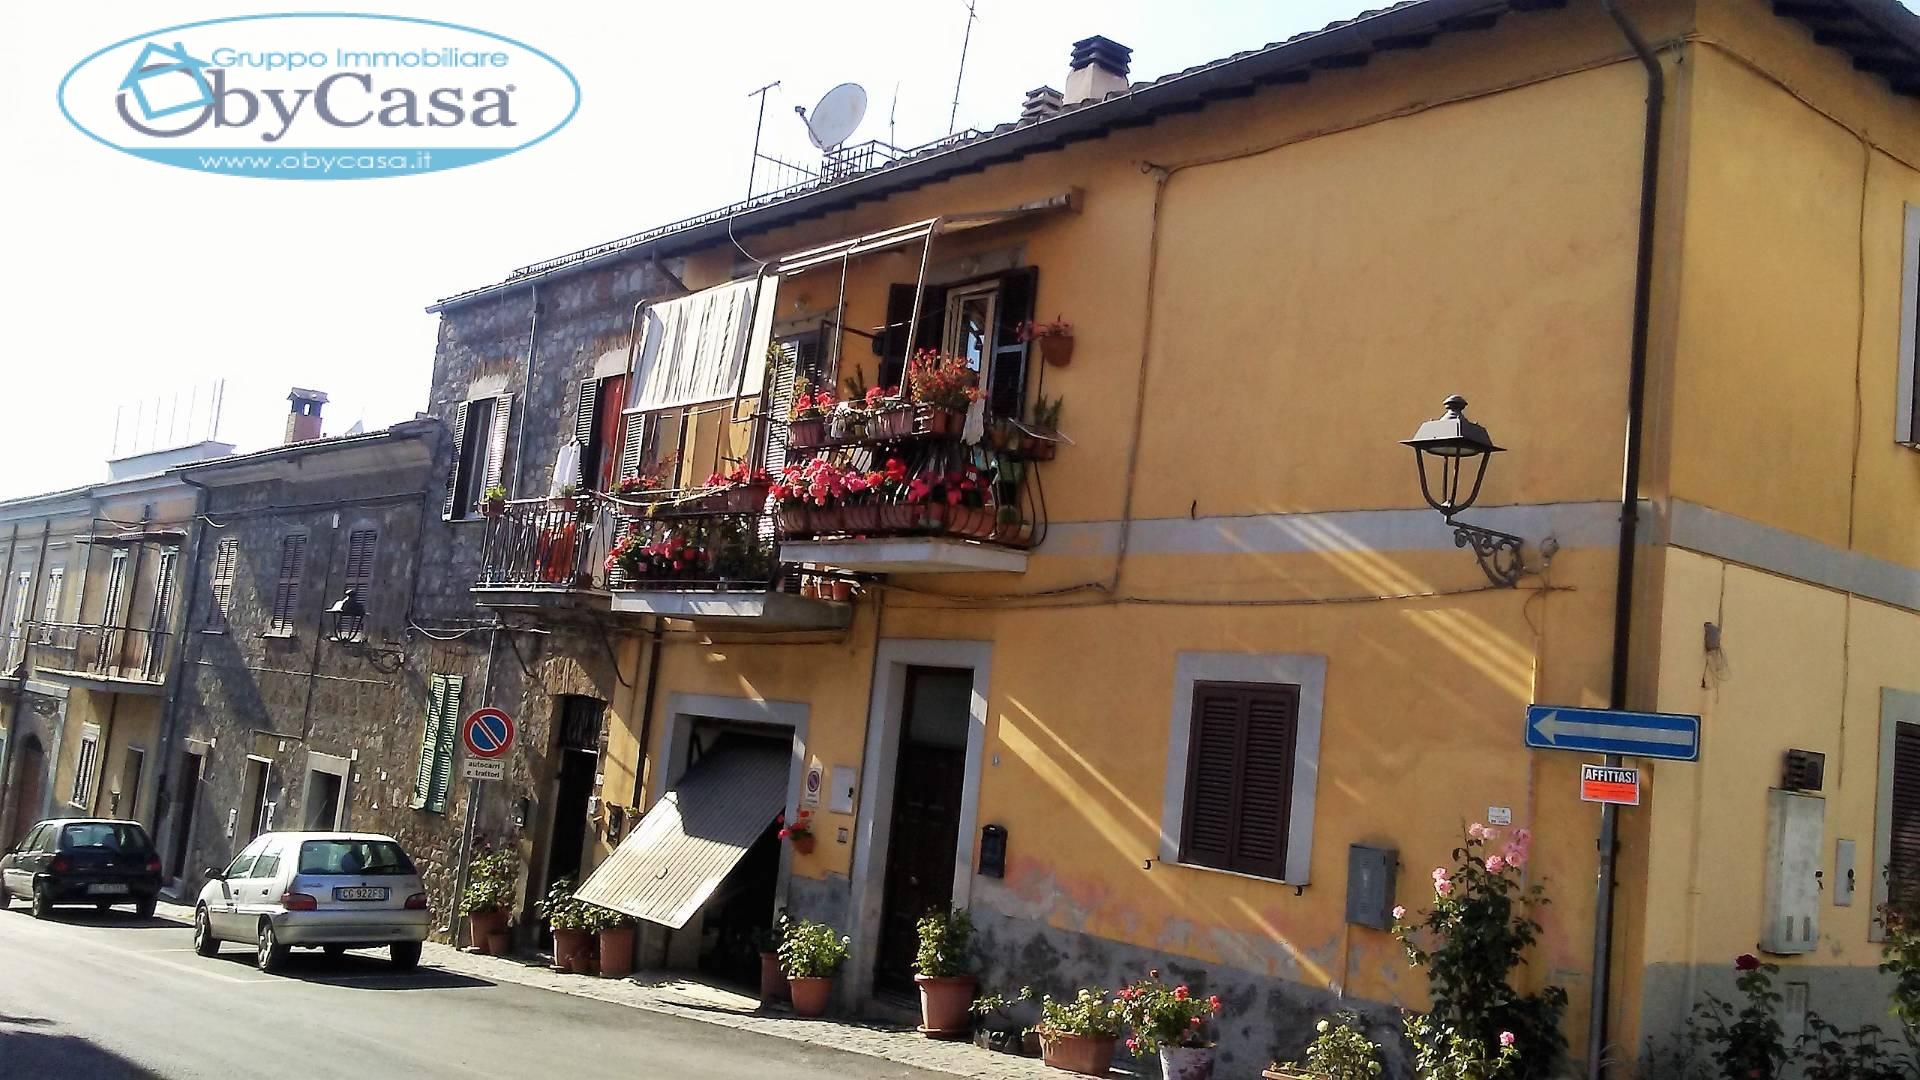 Appartamento in affitto a Canale Monterano, 3 locali, zona Zona: Centro, prezzo € 400 | CambioCasa.it